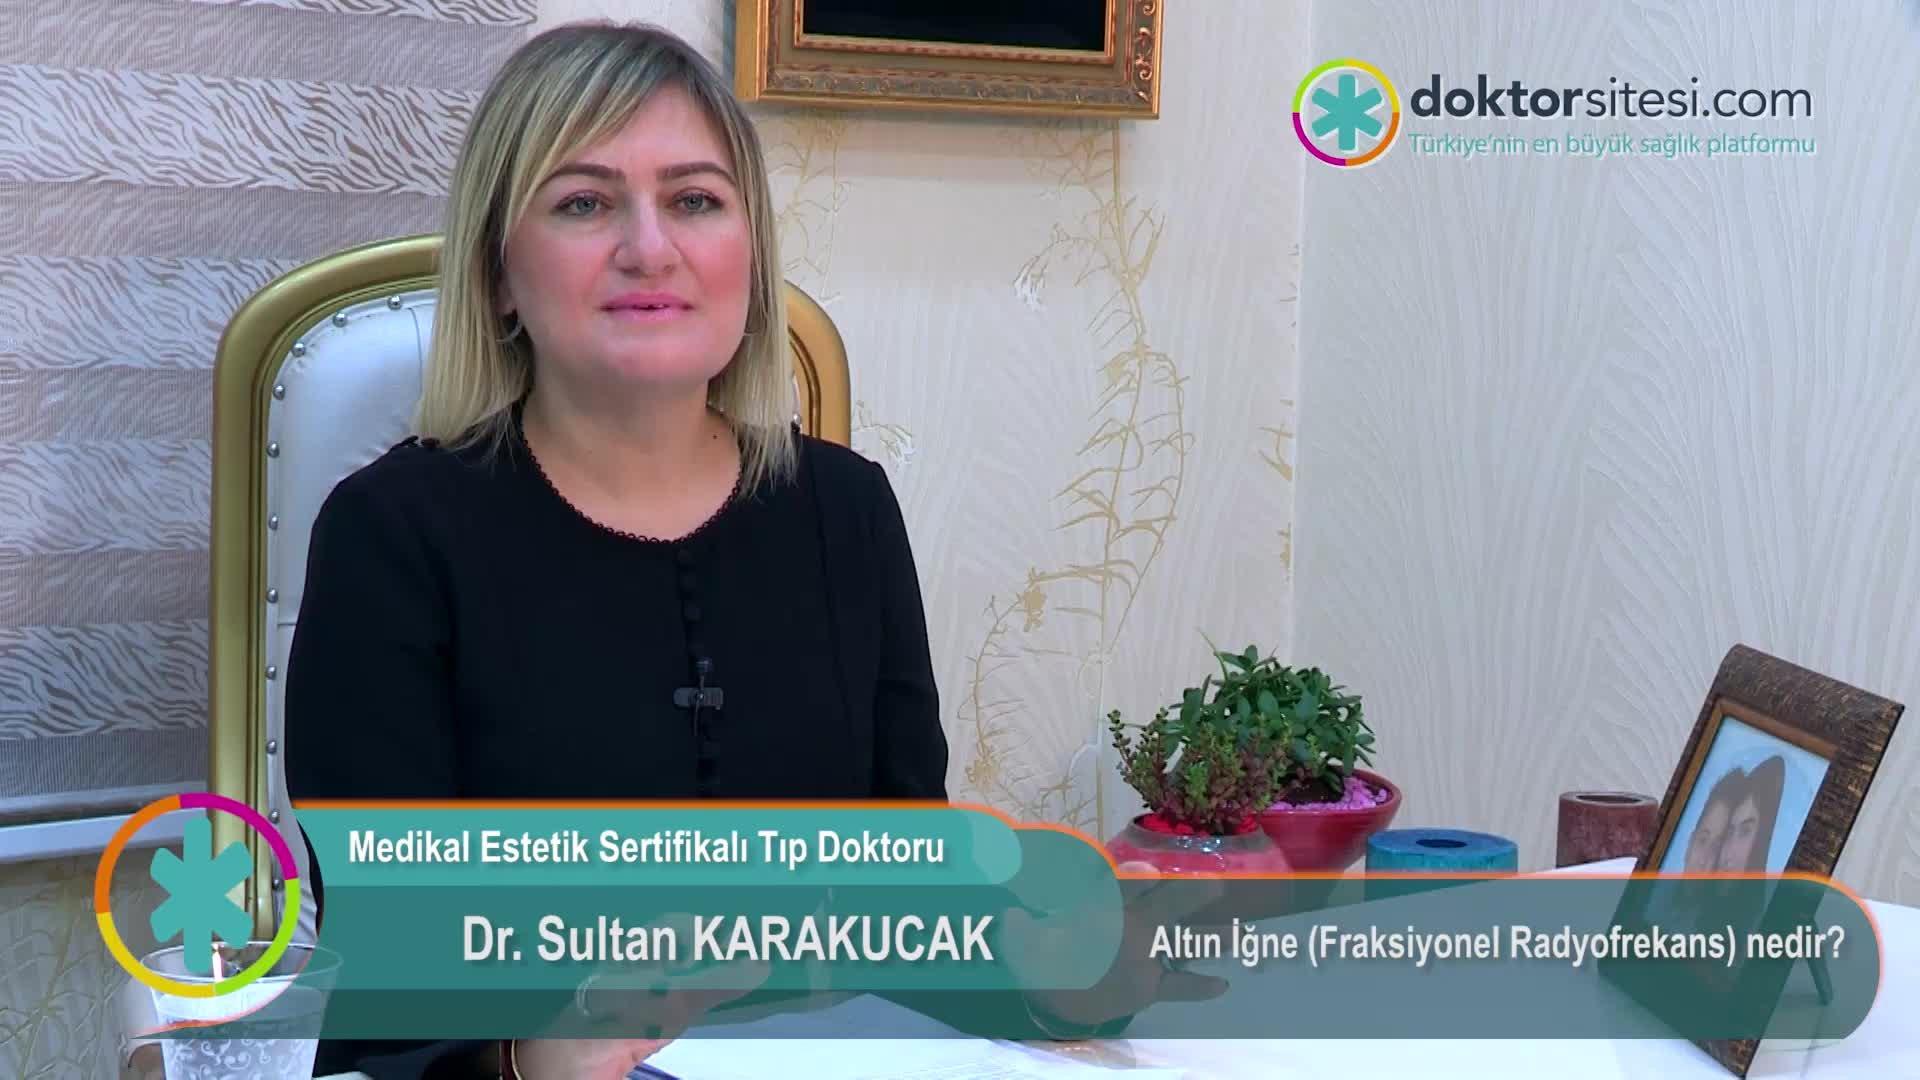 """Altın İğne (Fraksiyonel Radyofrekans) nedir? """" Dr.Sultan  KARAKUCAK """""""